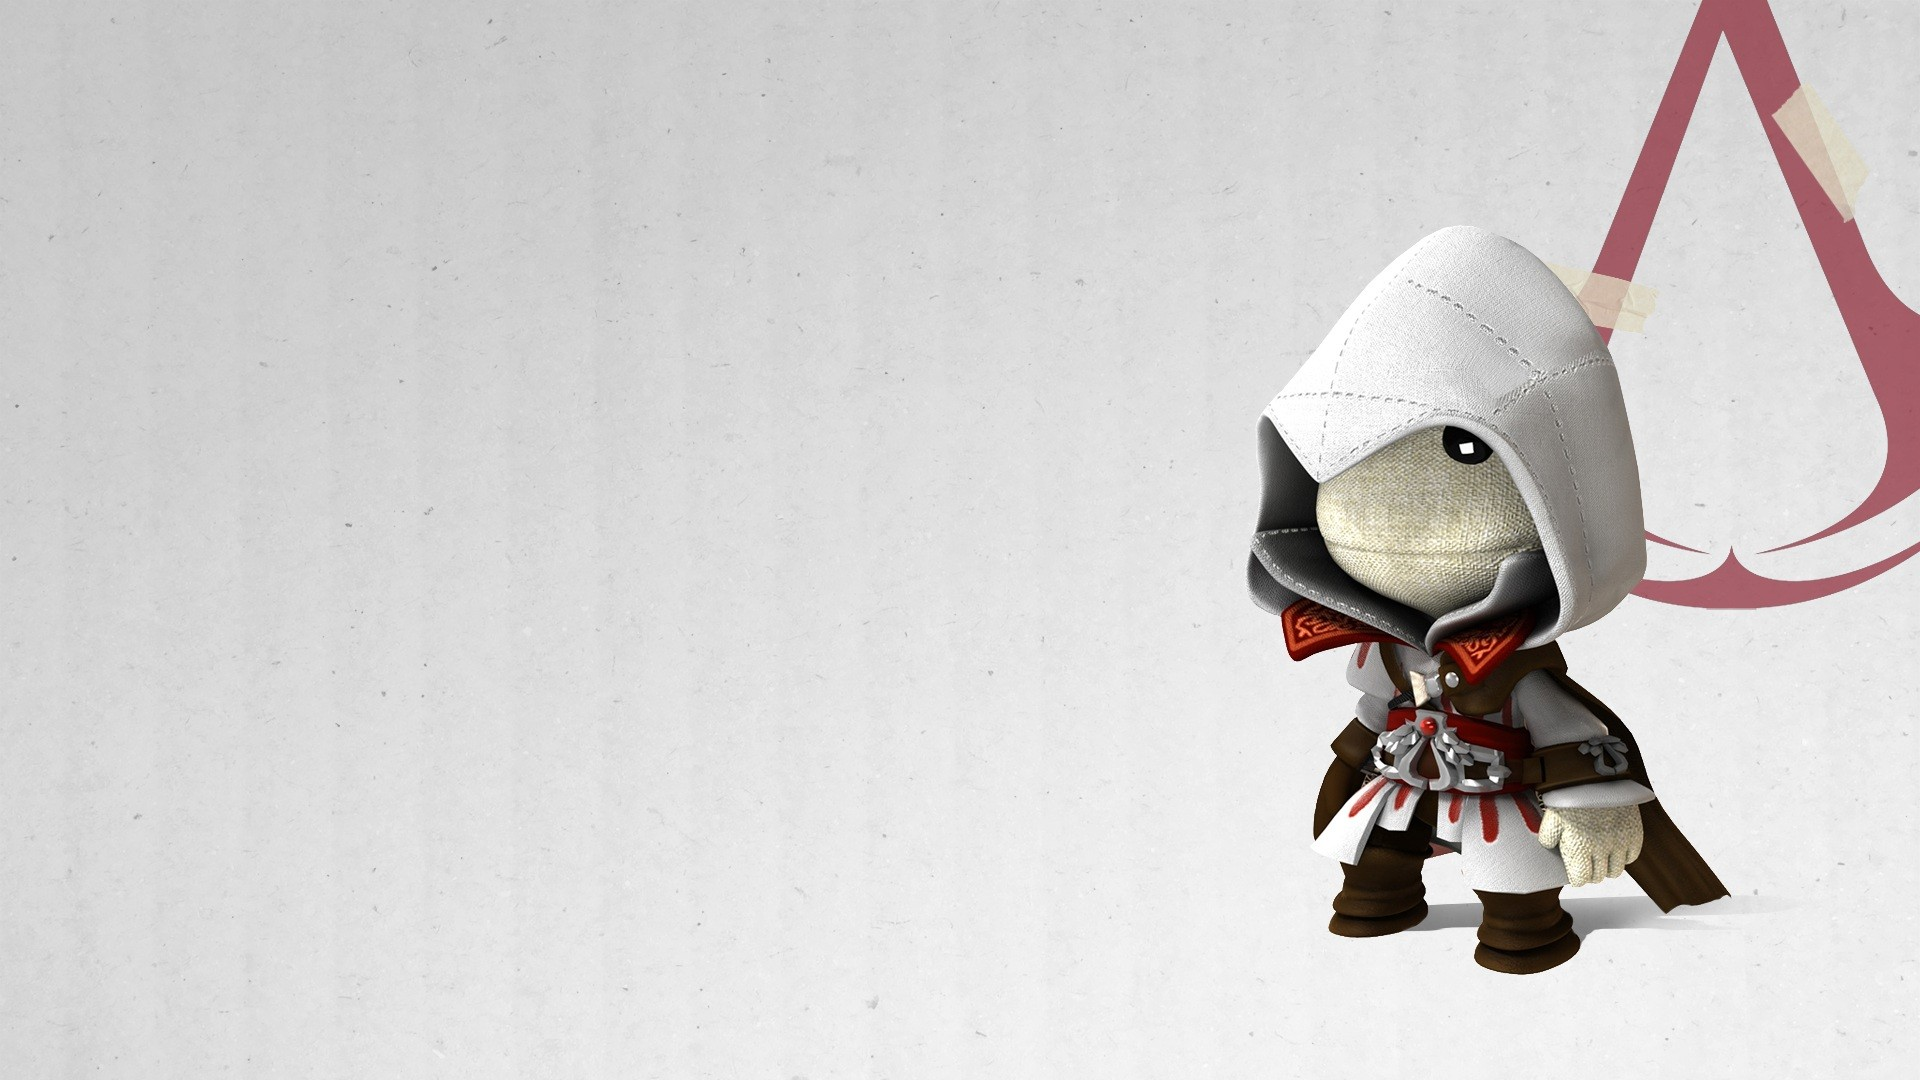 Ezio Sackboy Wallpaper